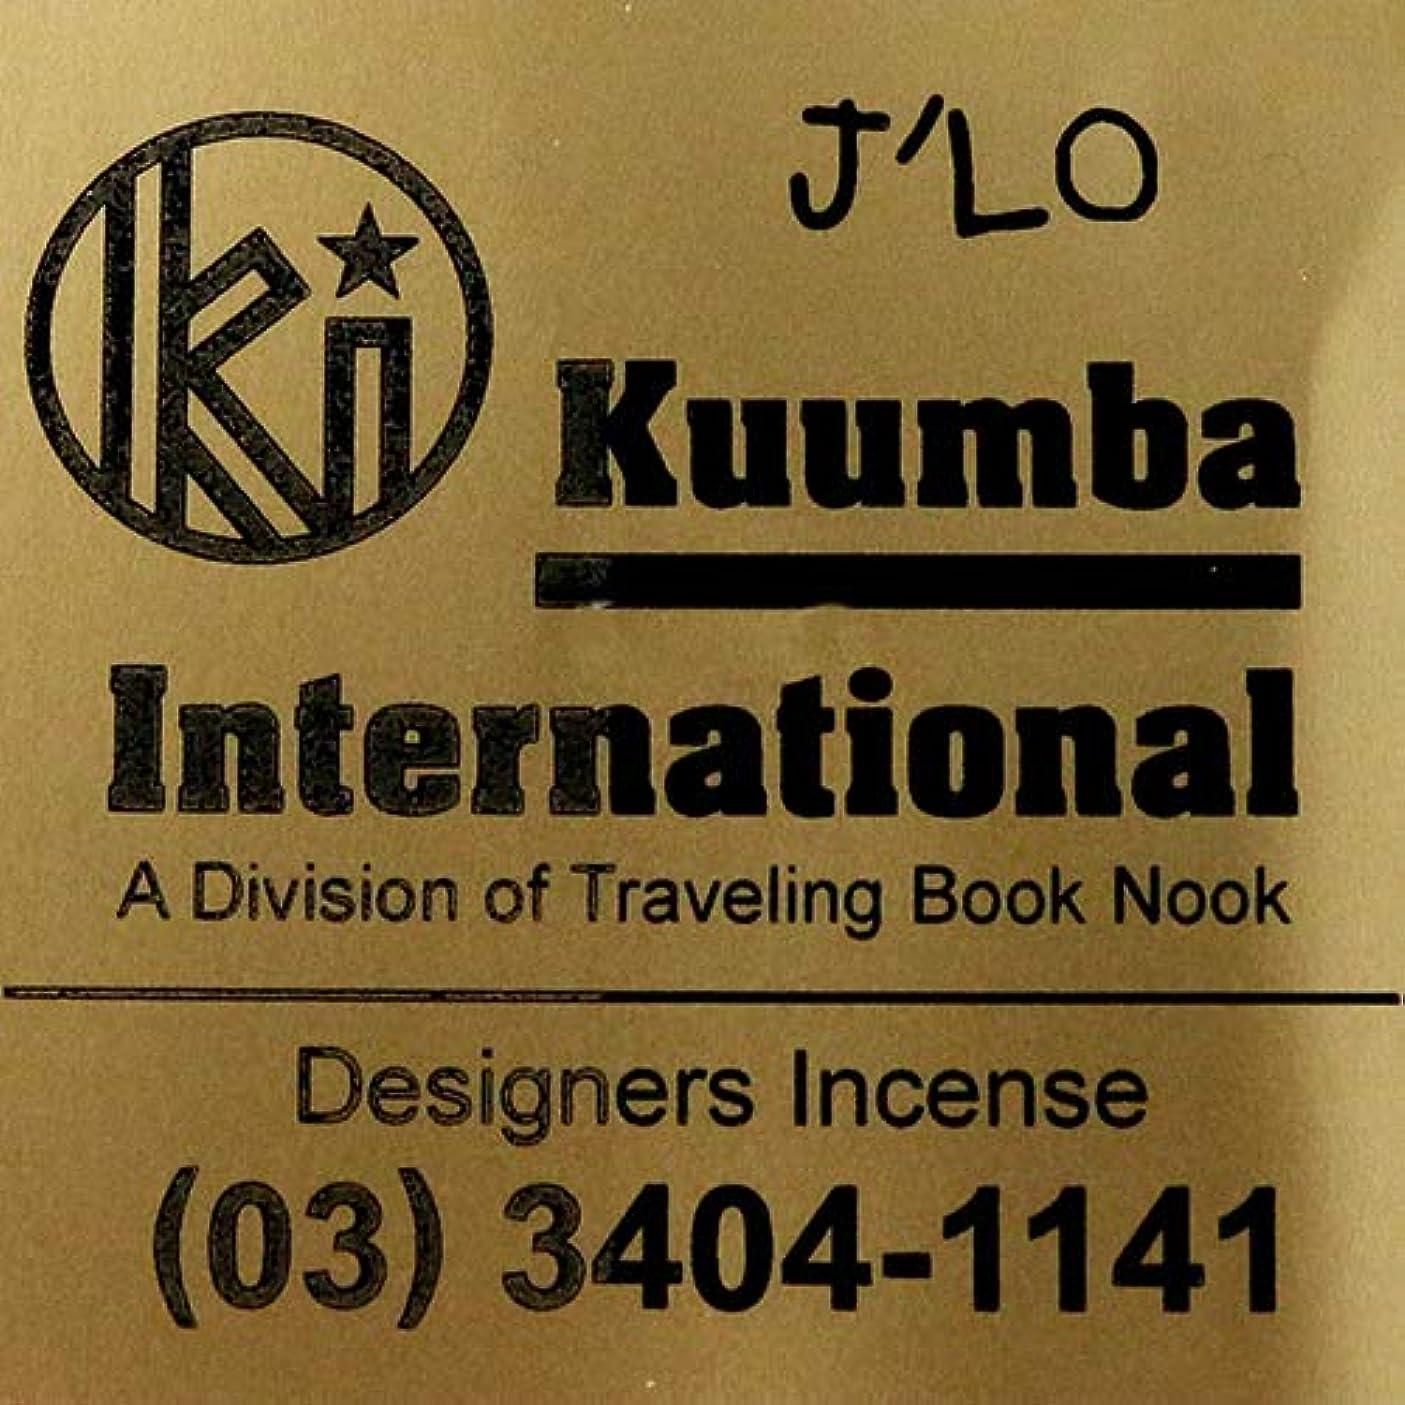 熟練したエミュレートする以内に(クンバ) KUUMBA『incense』(J'LO) (J'LO, Regular size)